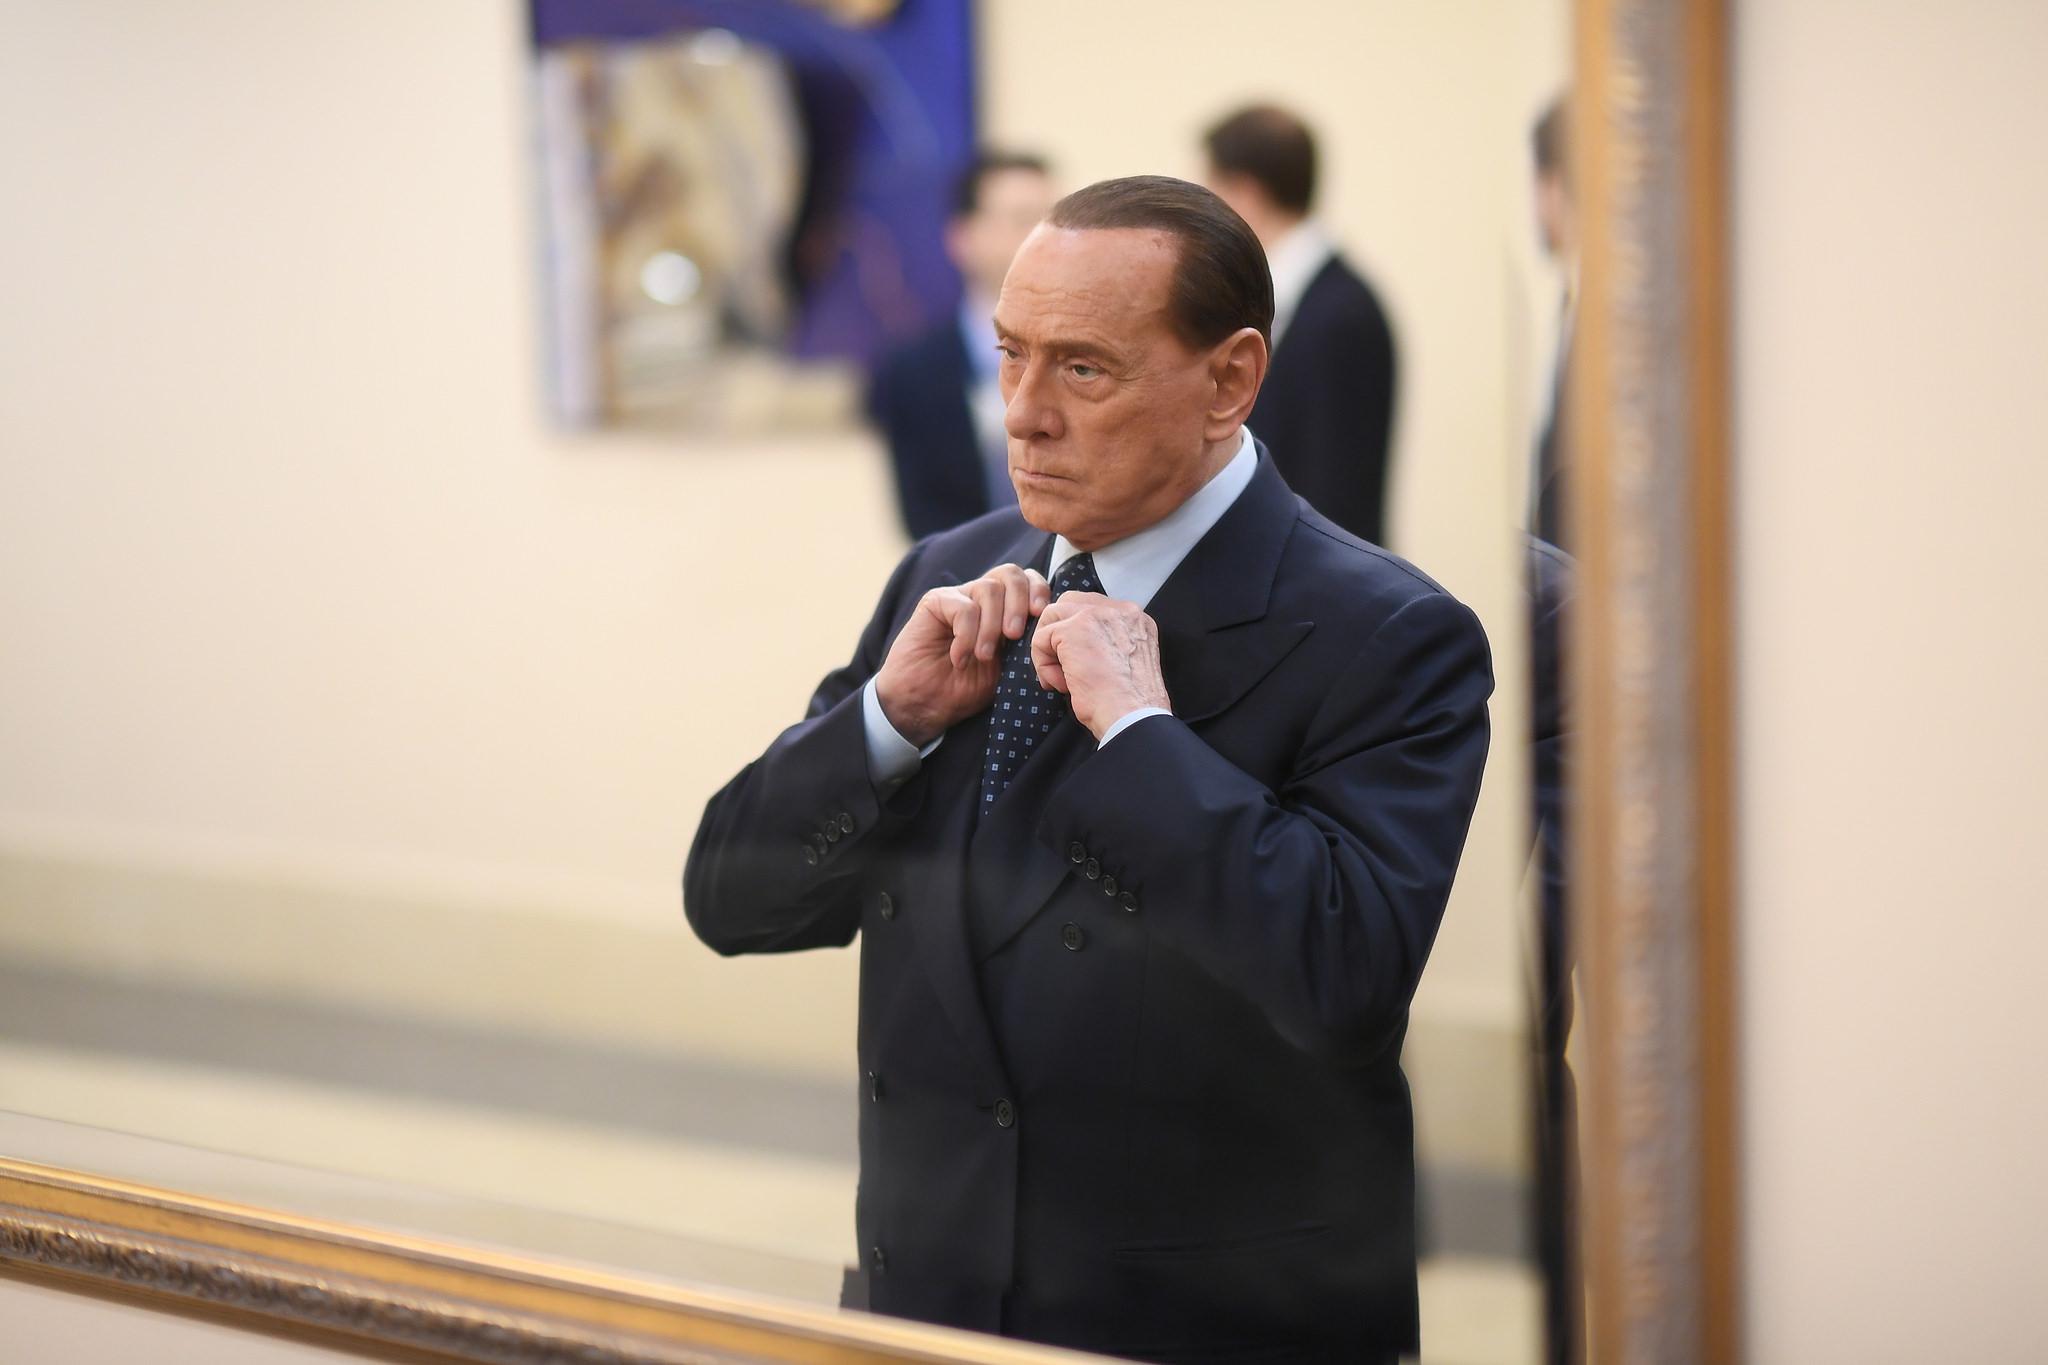 L'Italie face aux pires élections de son histoire